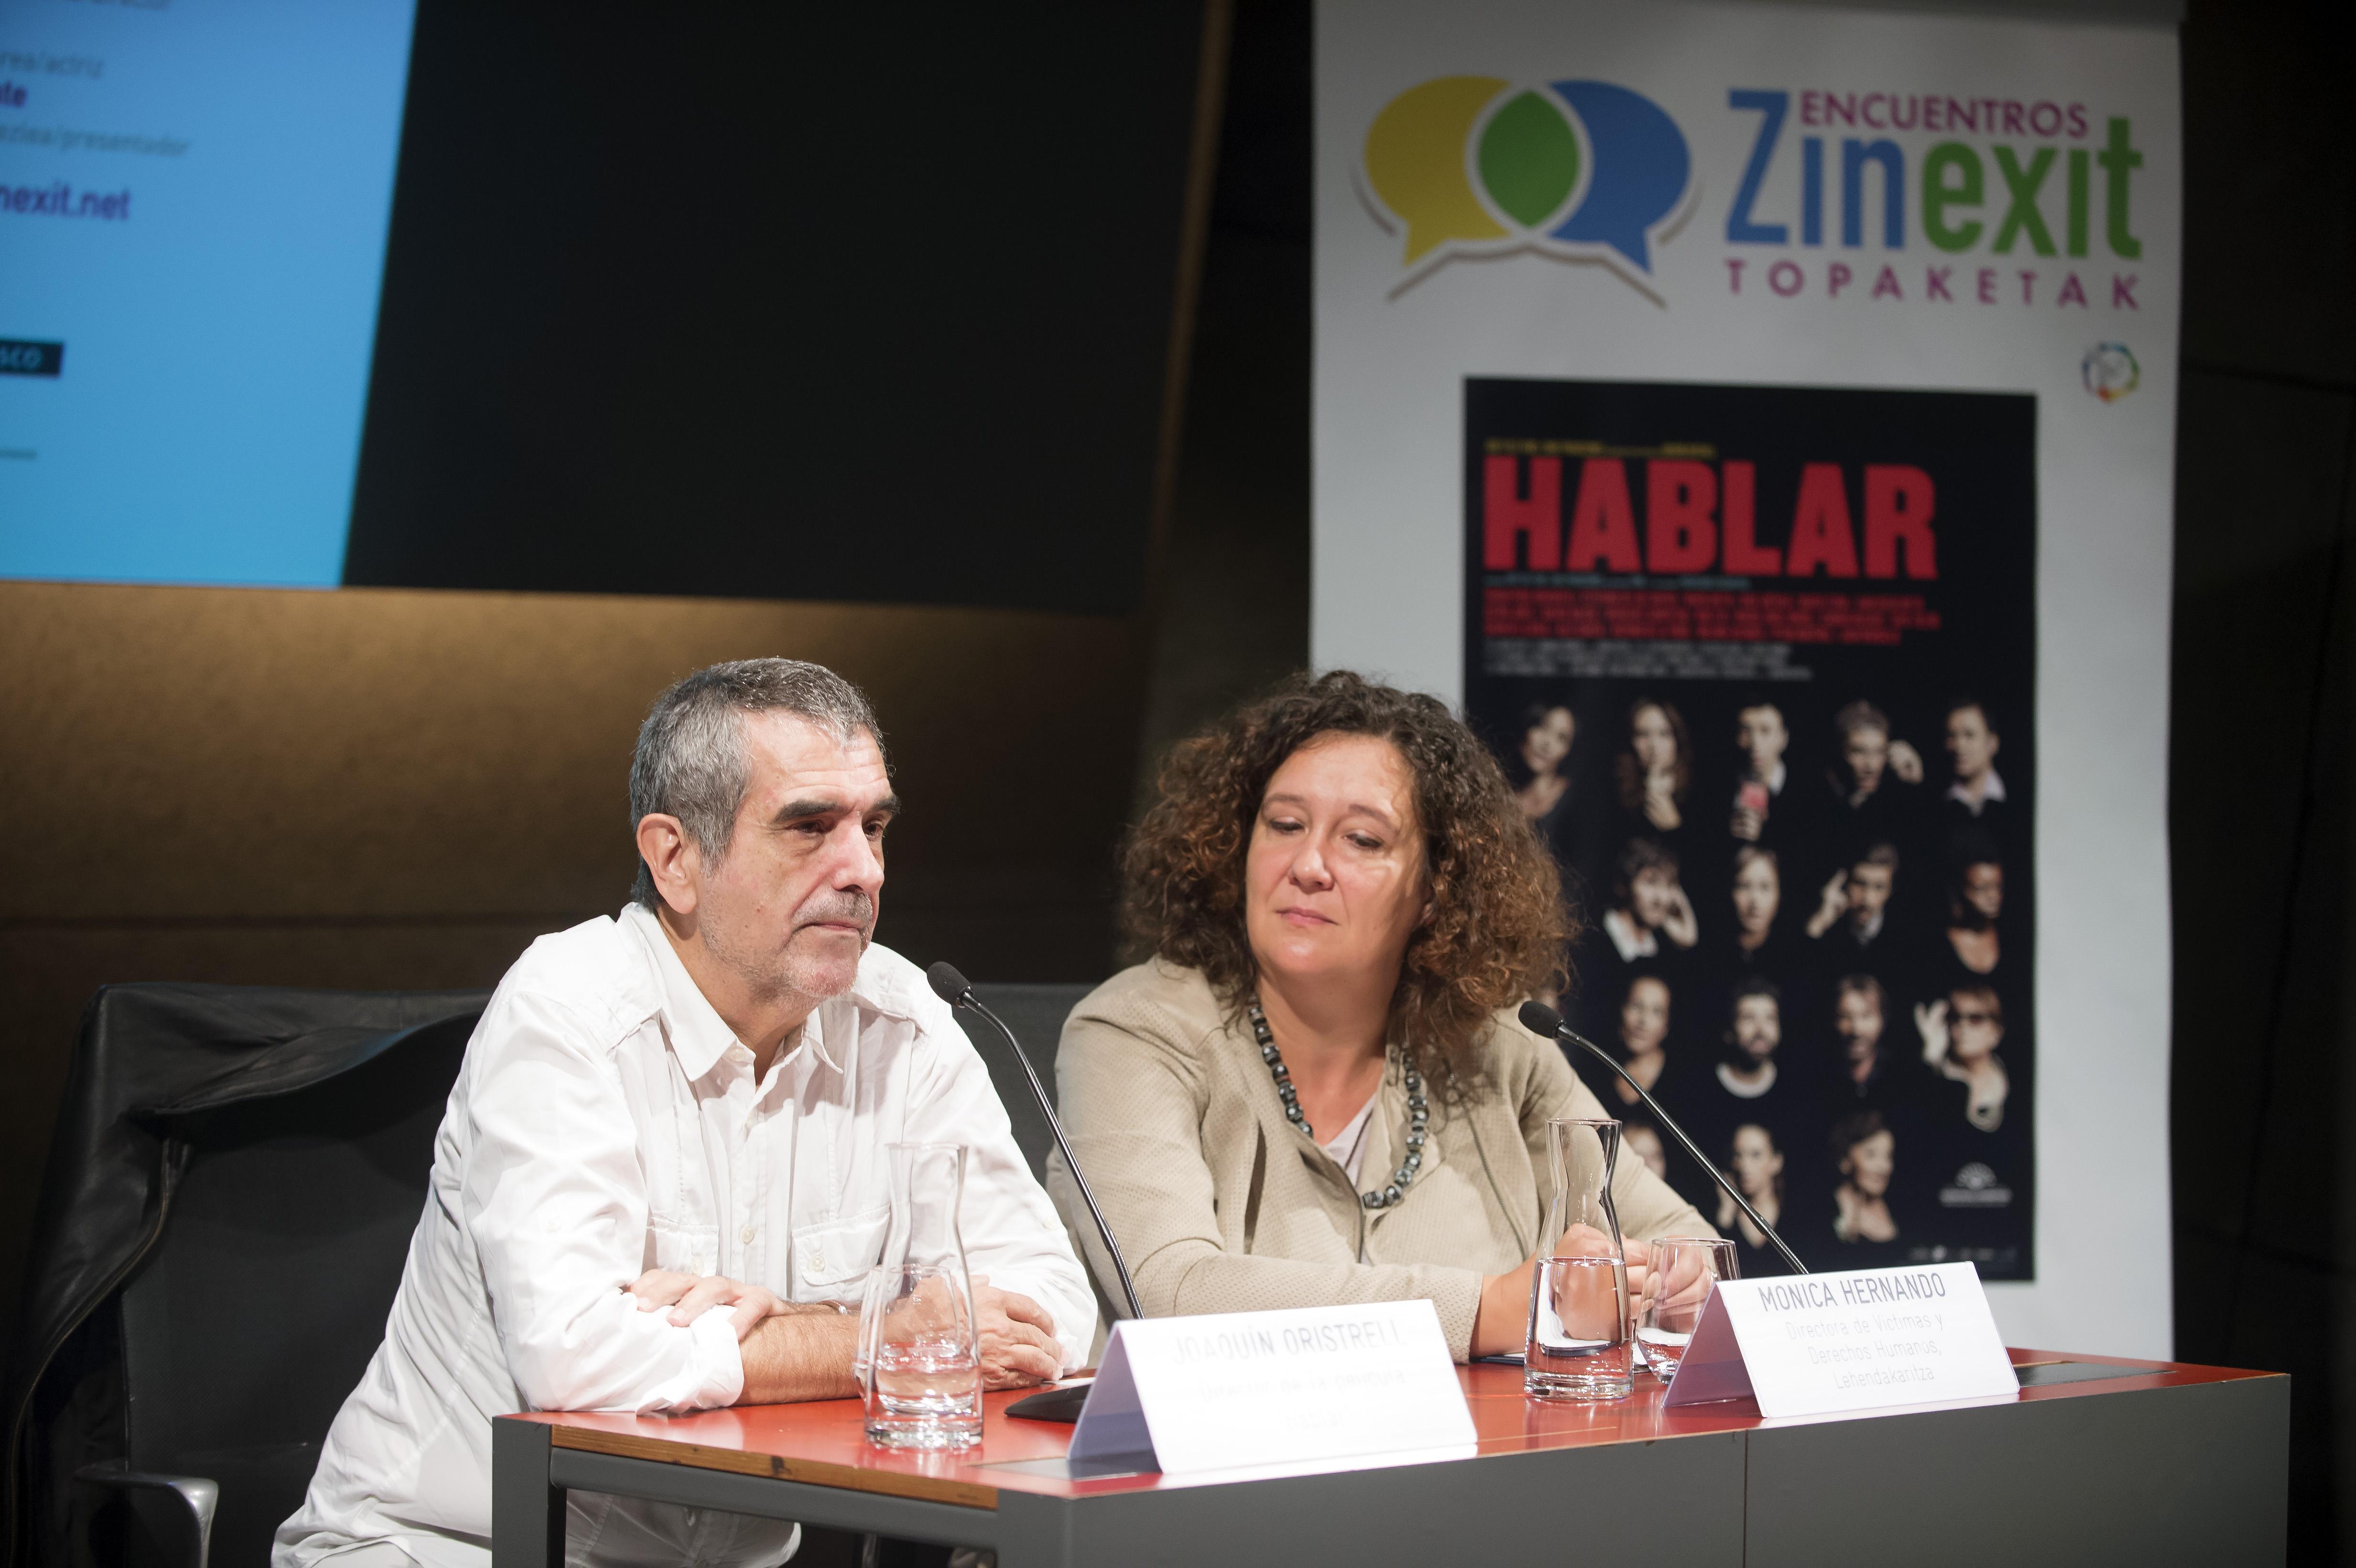 2015_09_21_hernando_zinexit_03.jpg